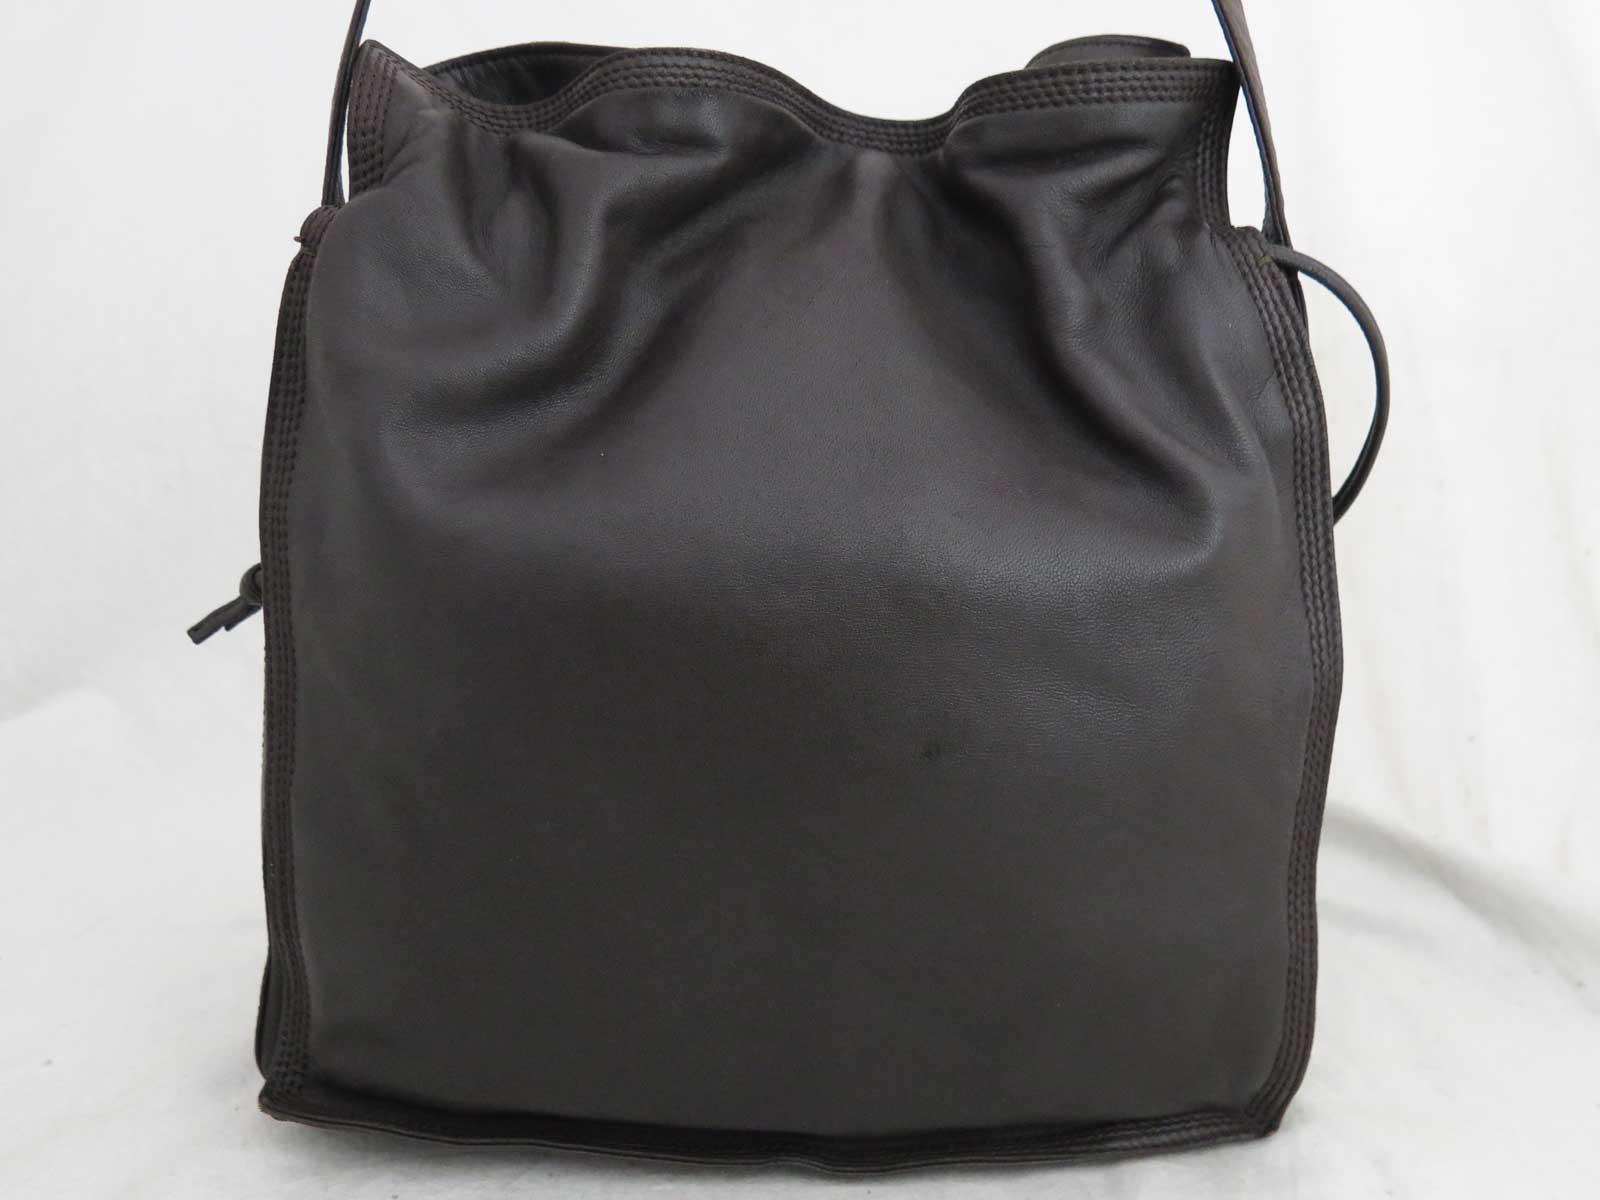 48d3d2cefa Details about Auth LOEWE Anagram Shoulder Bag Dark Brown/Goldtone Leather -  e39194